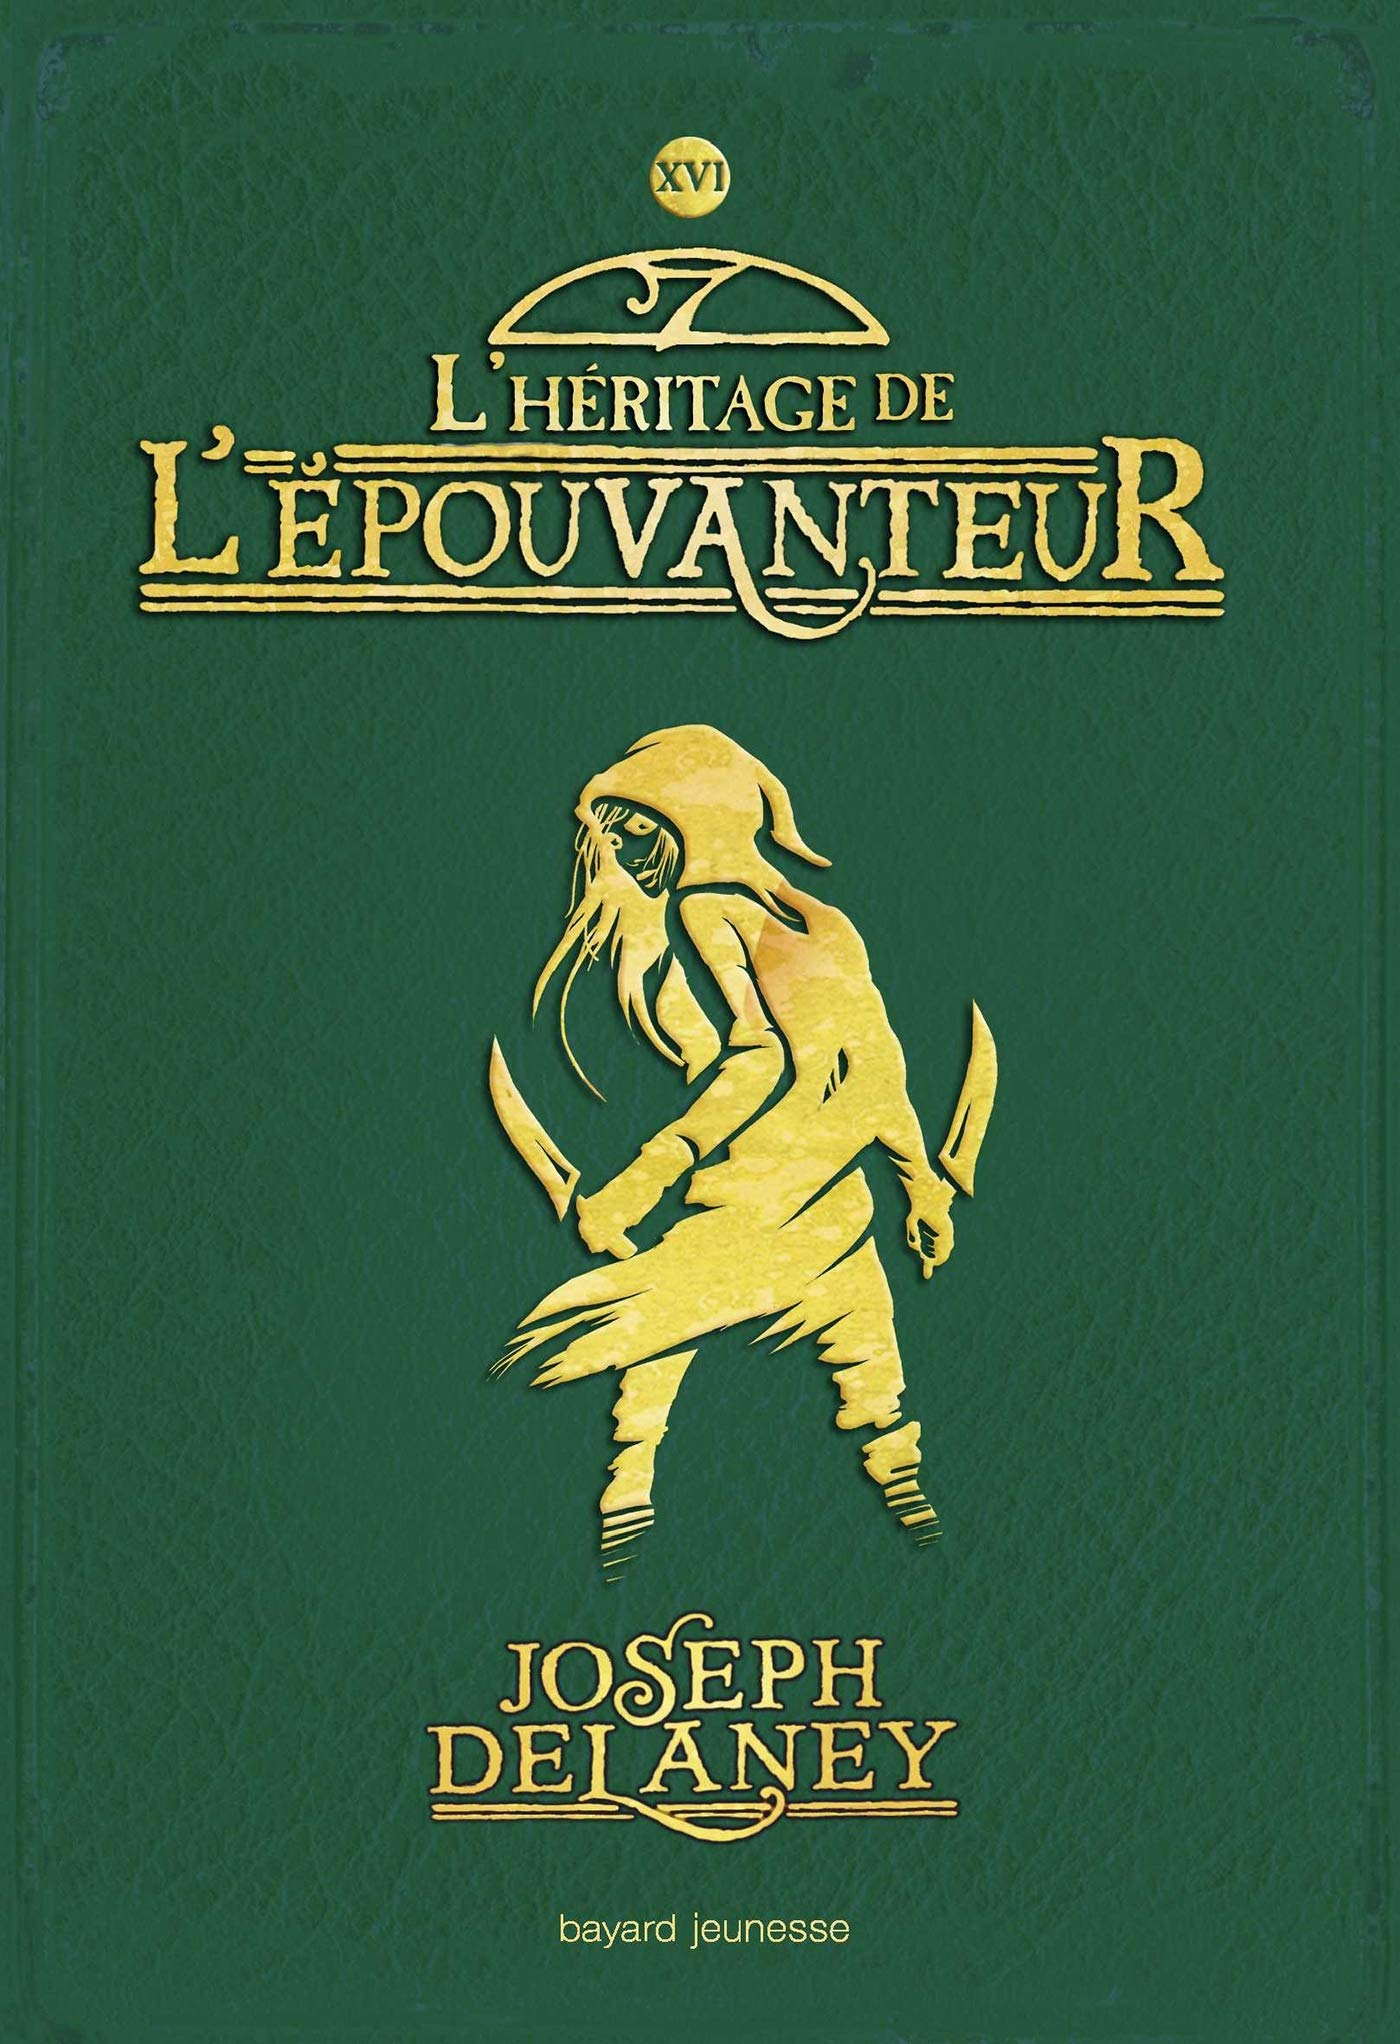 L Epouvanteur Tome 16 L Heritage De L Epouvanteur